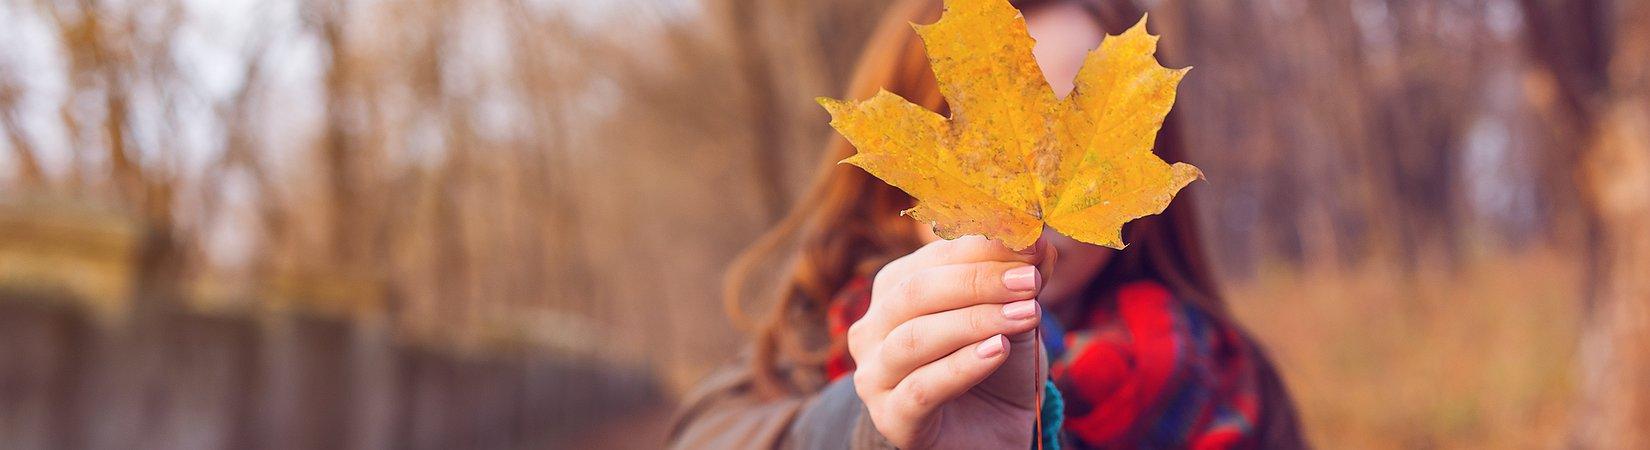 Aktien, mit denen man diesen Herbst verdienen kann